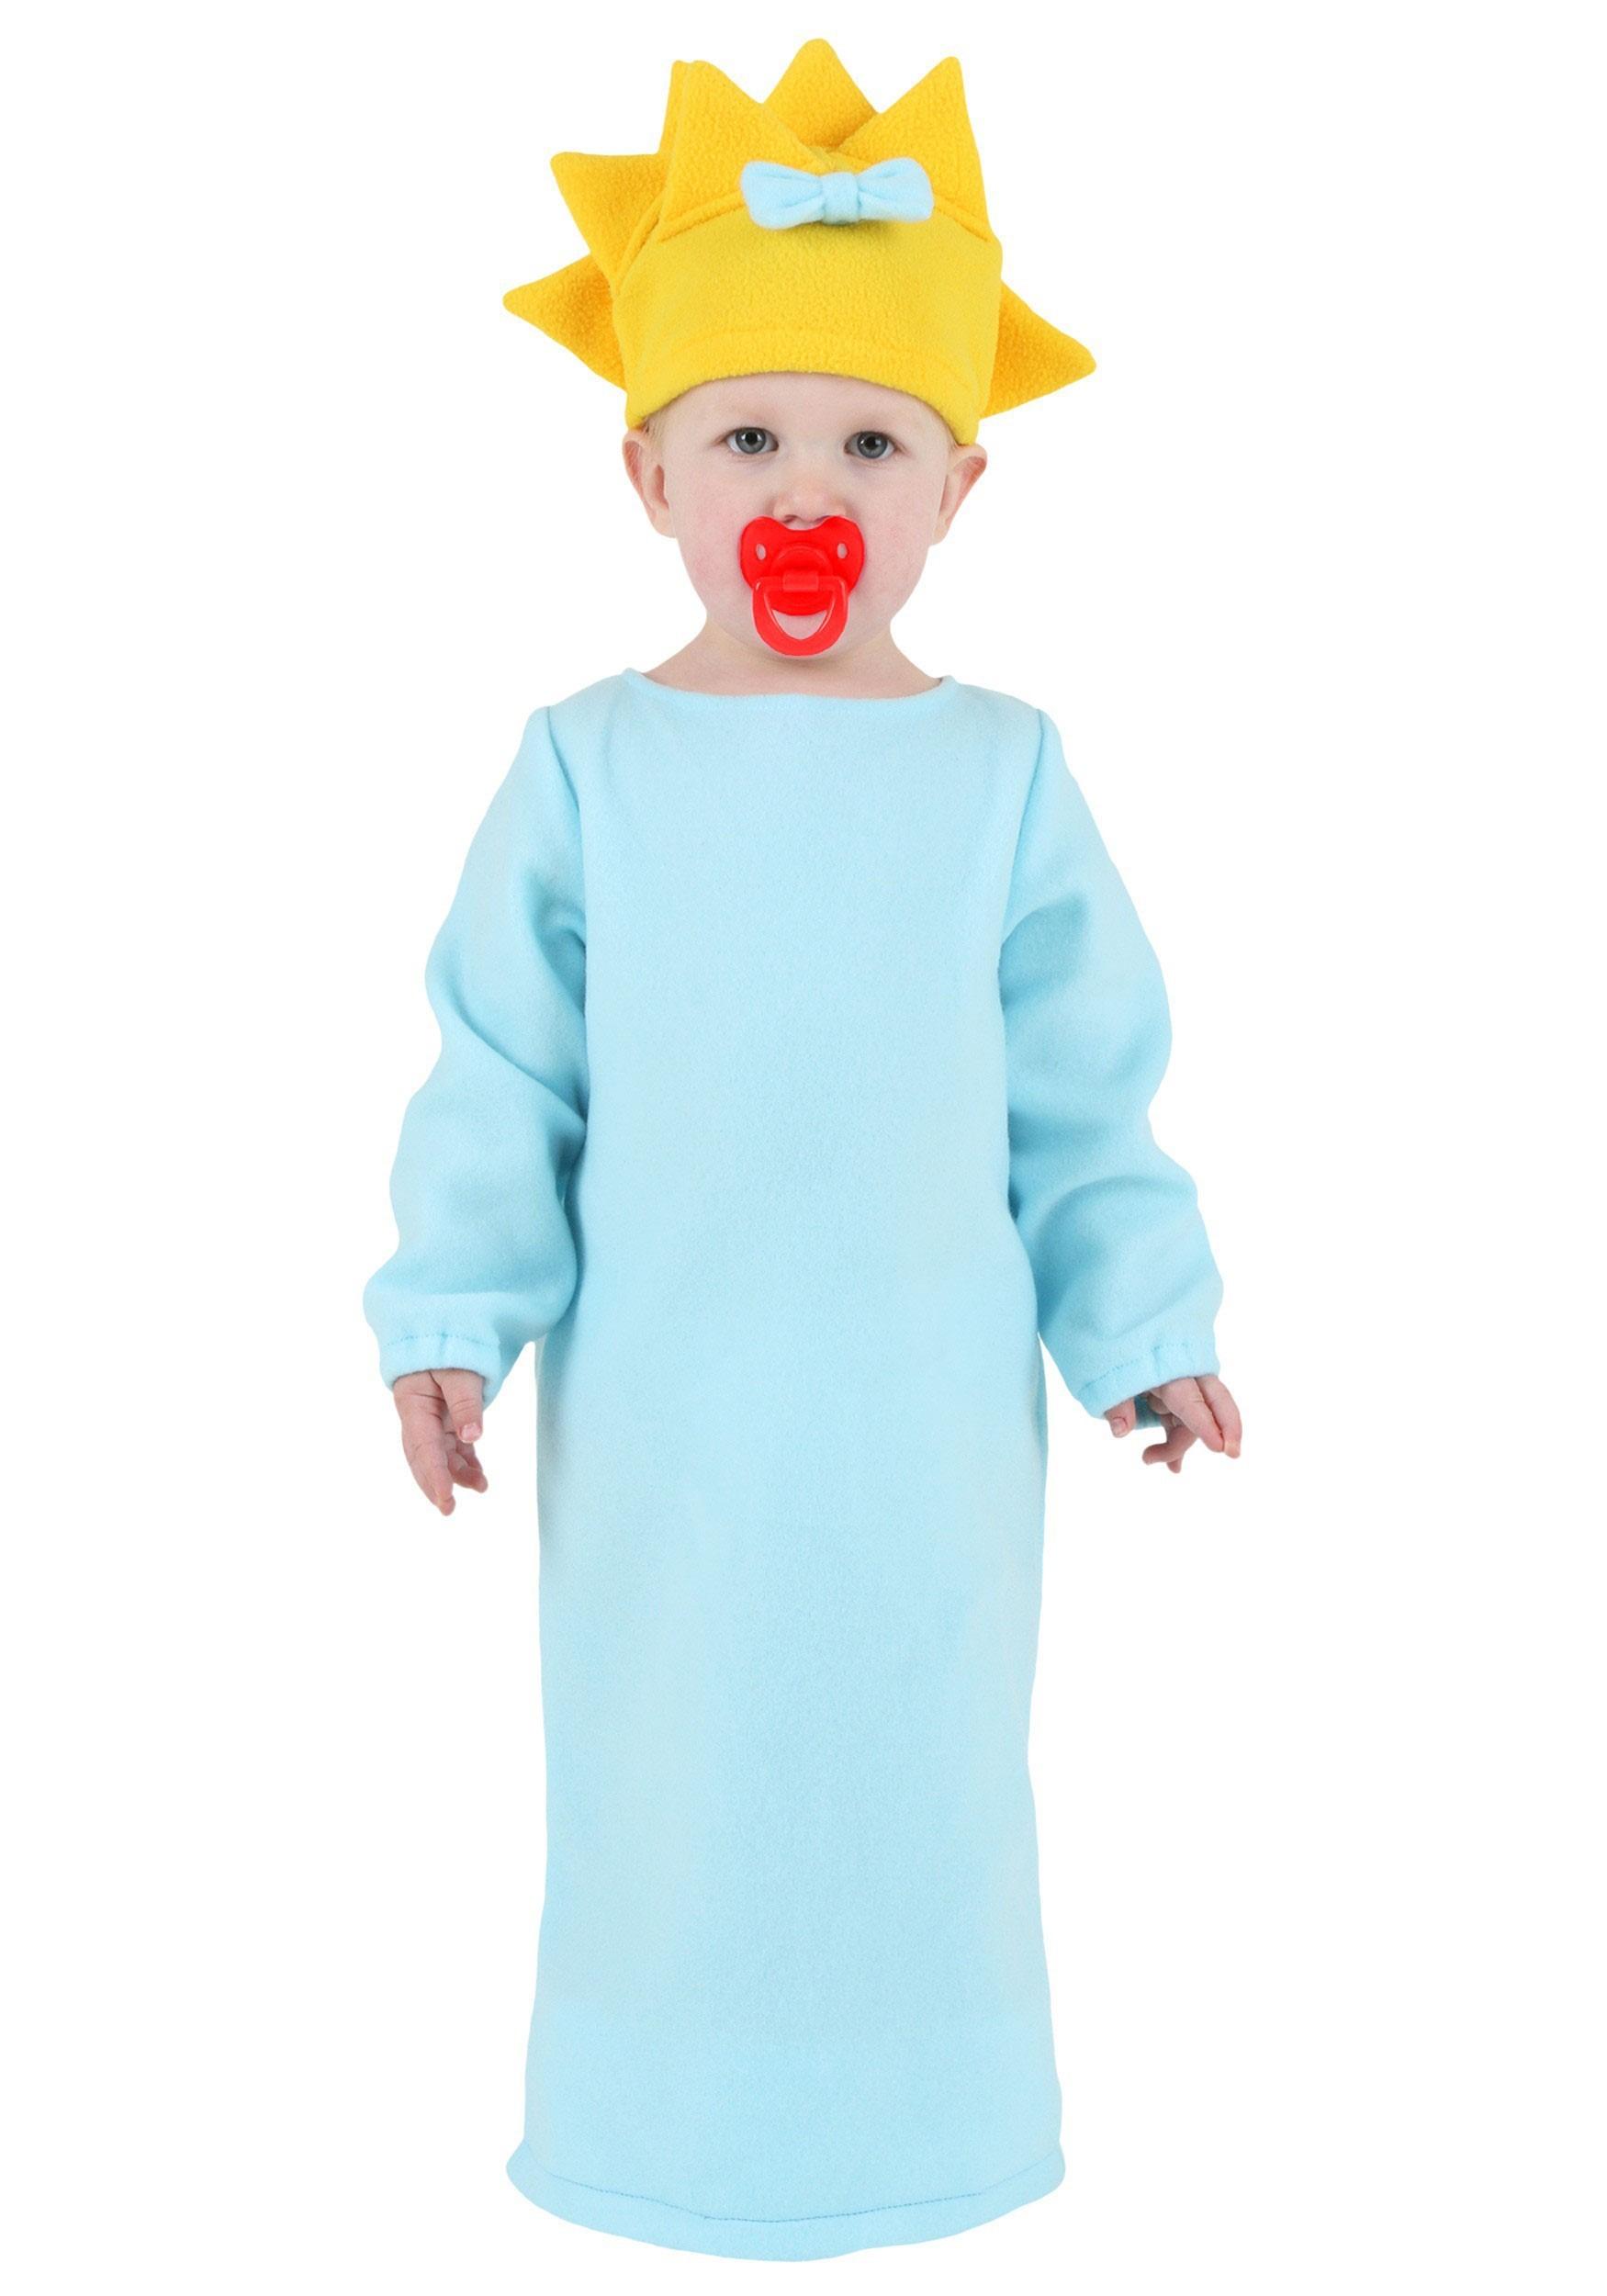 maggie simpson costume